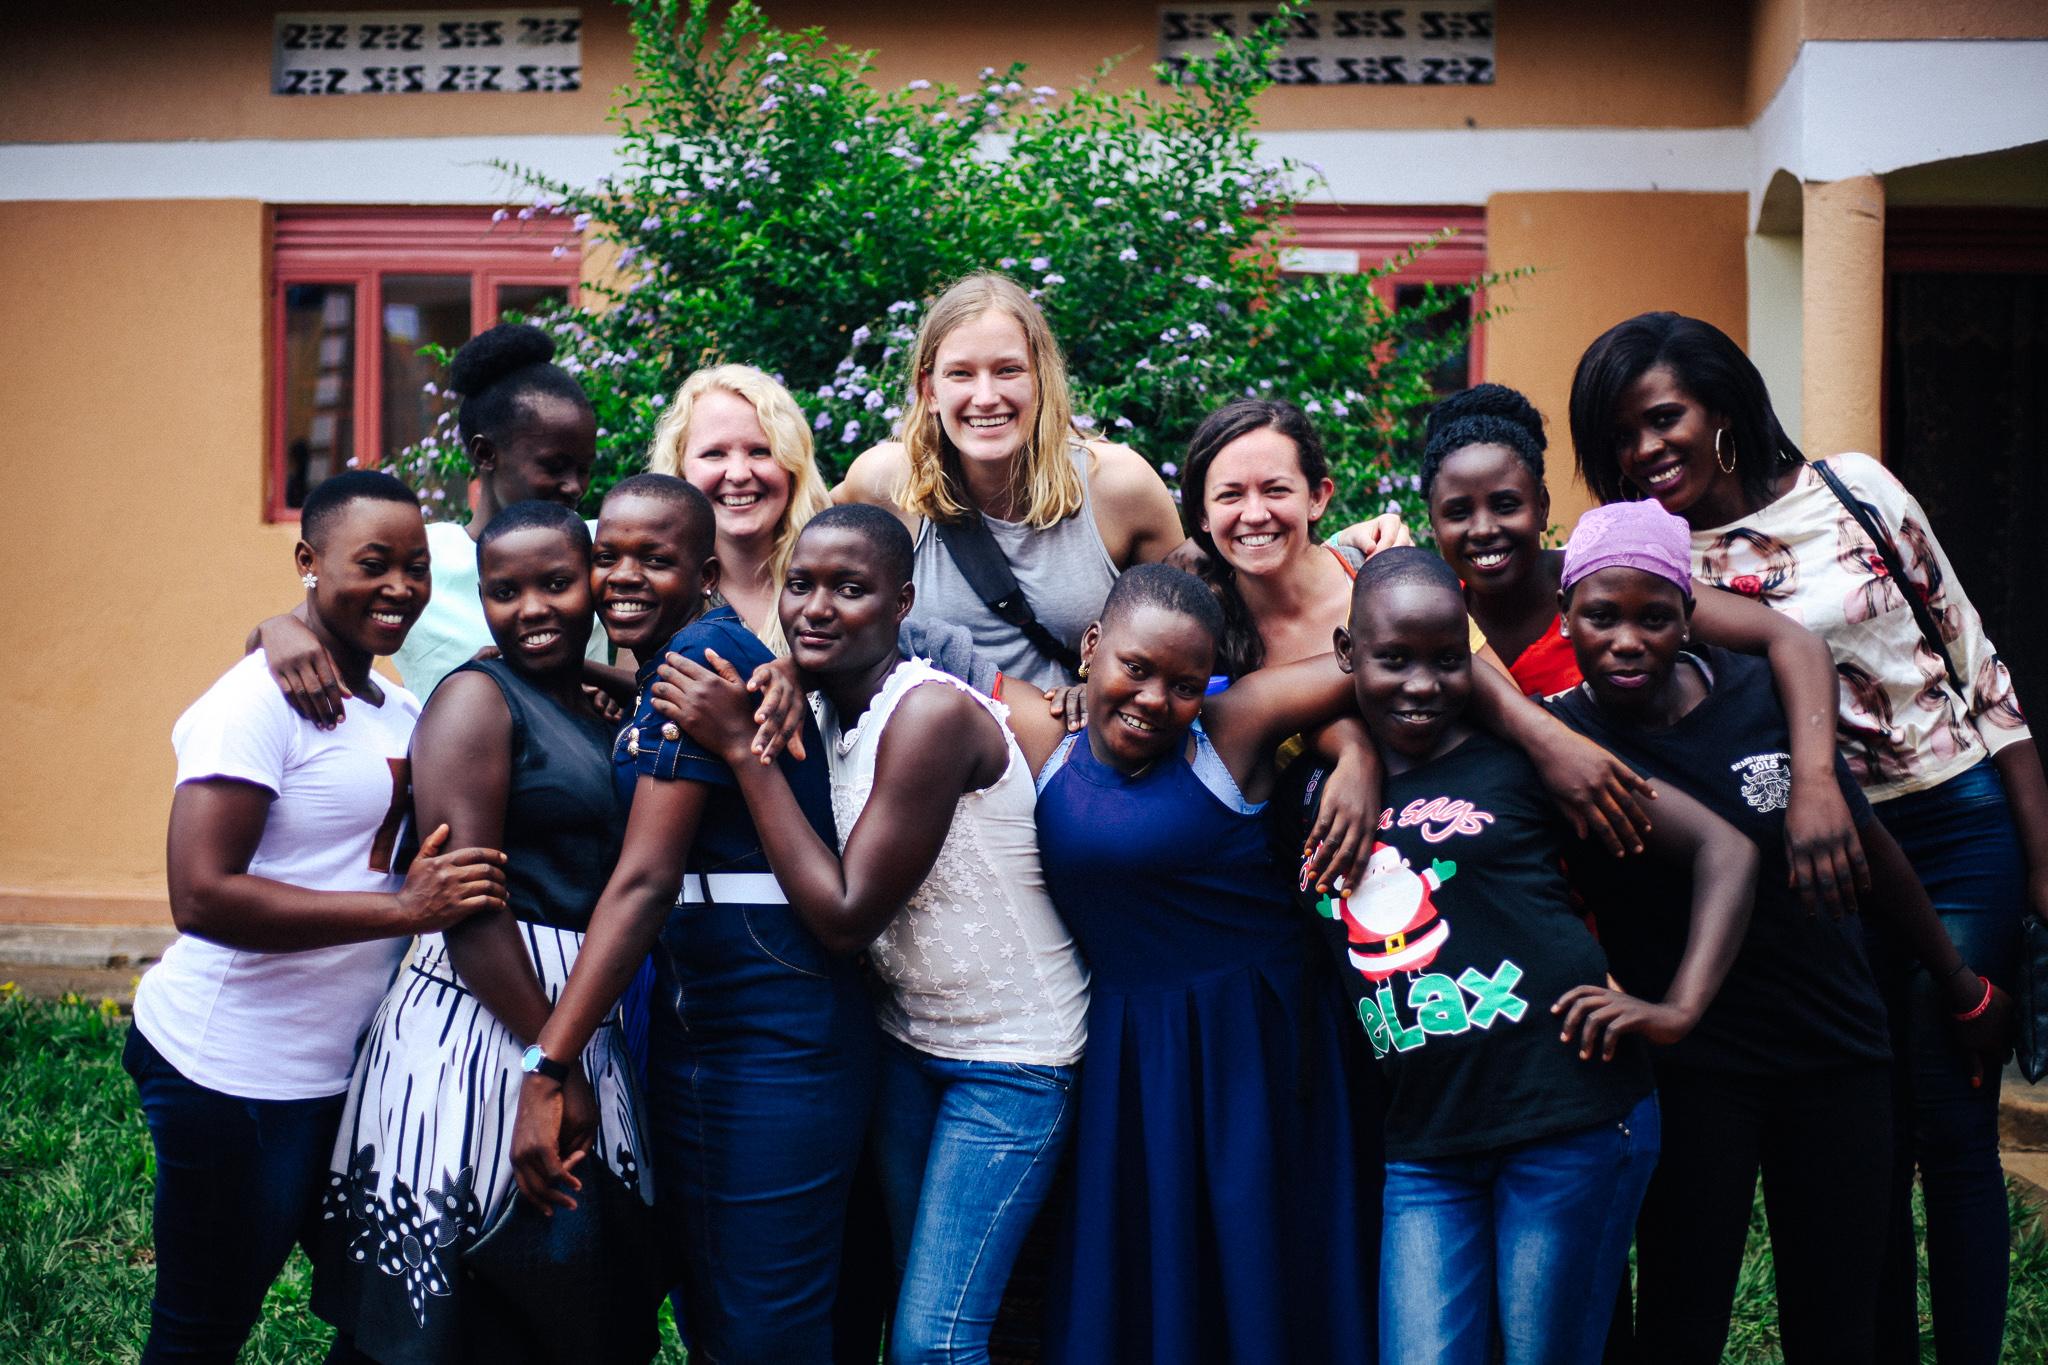 Girls in Uganda